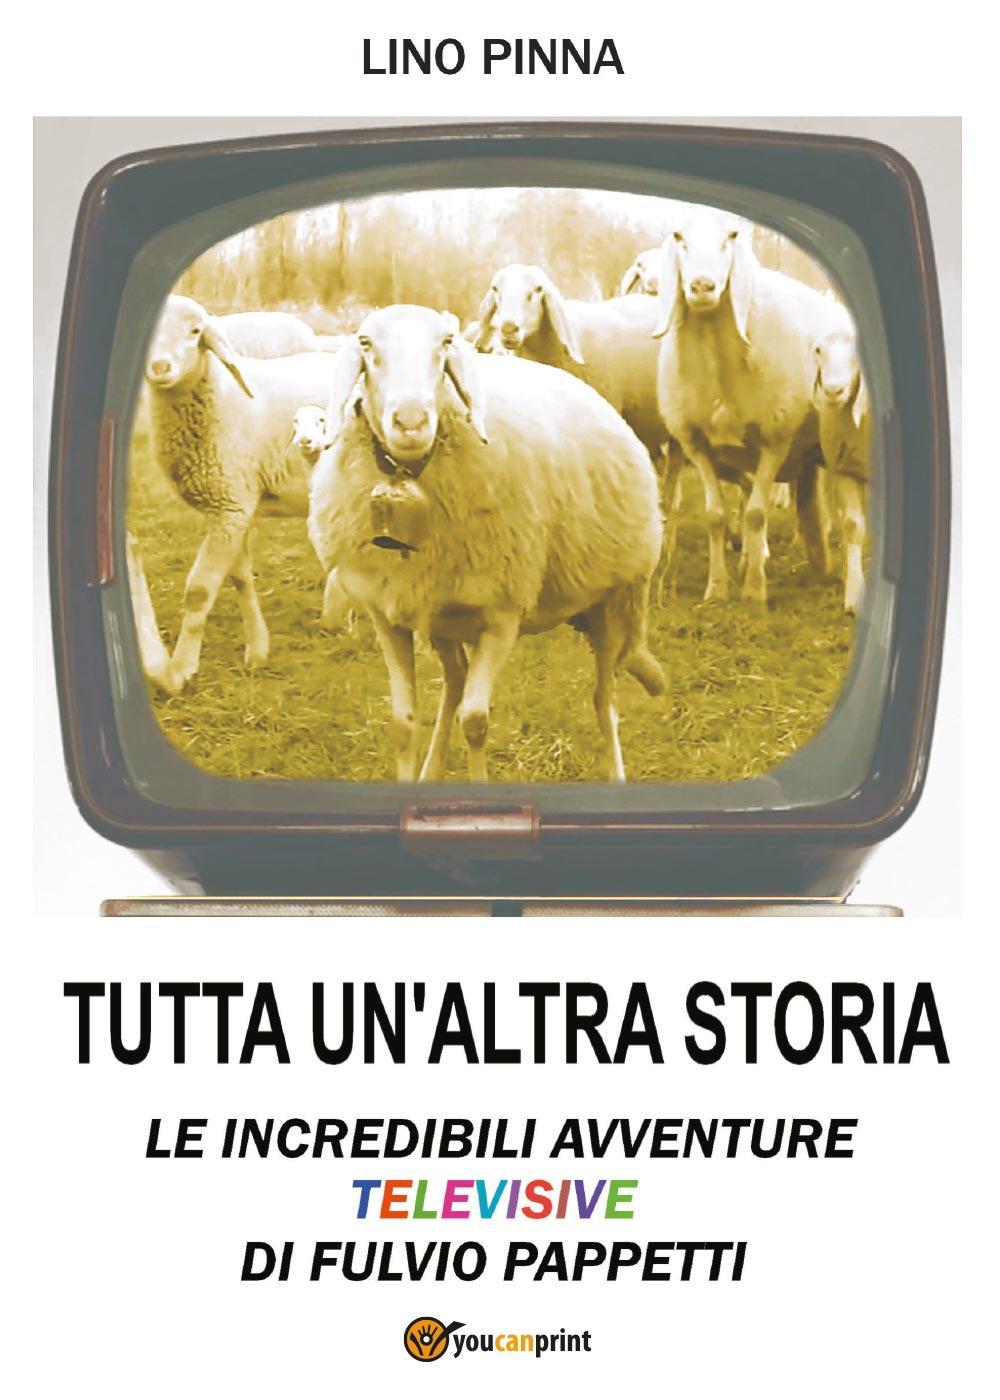 Tutta un'altra storia - Le incredibili avventure televisive di Fulvio Pappetti